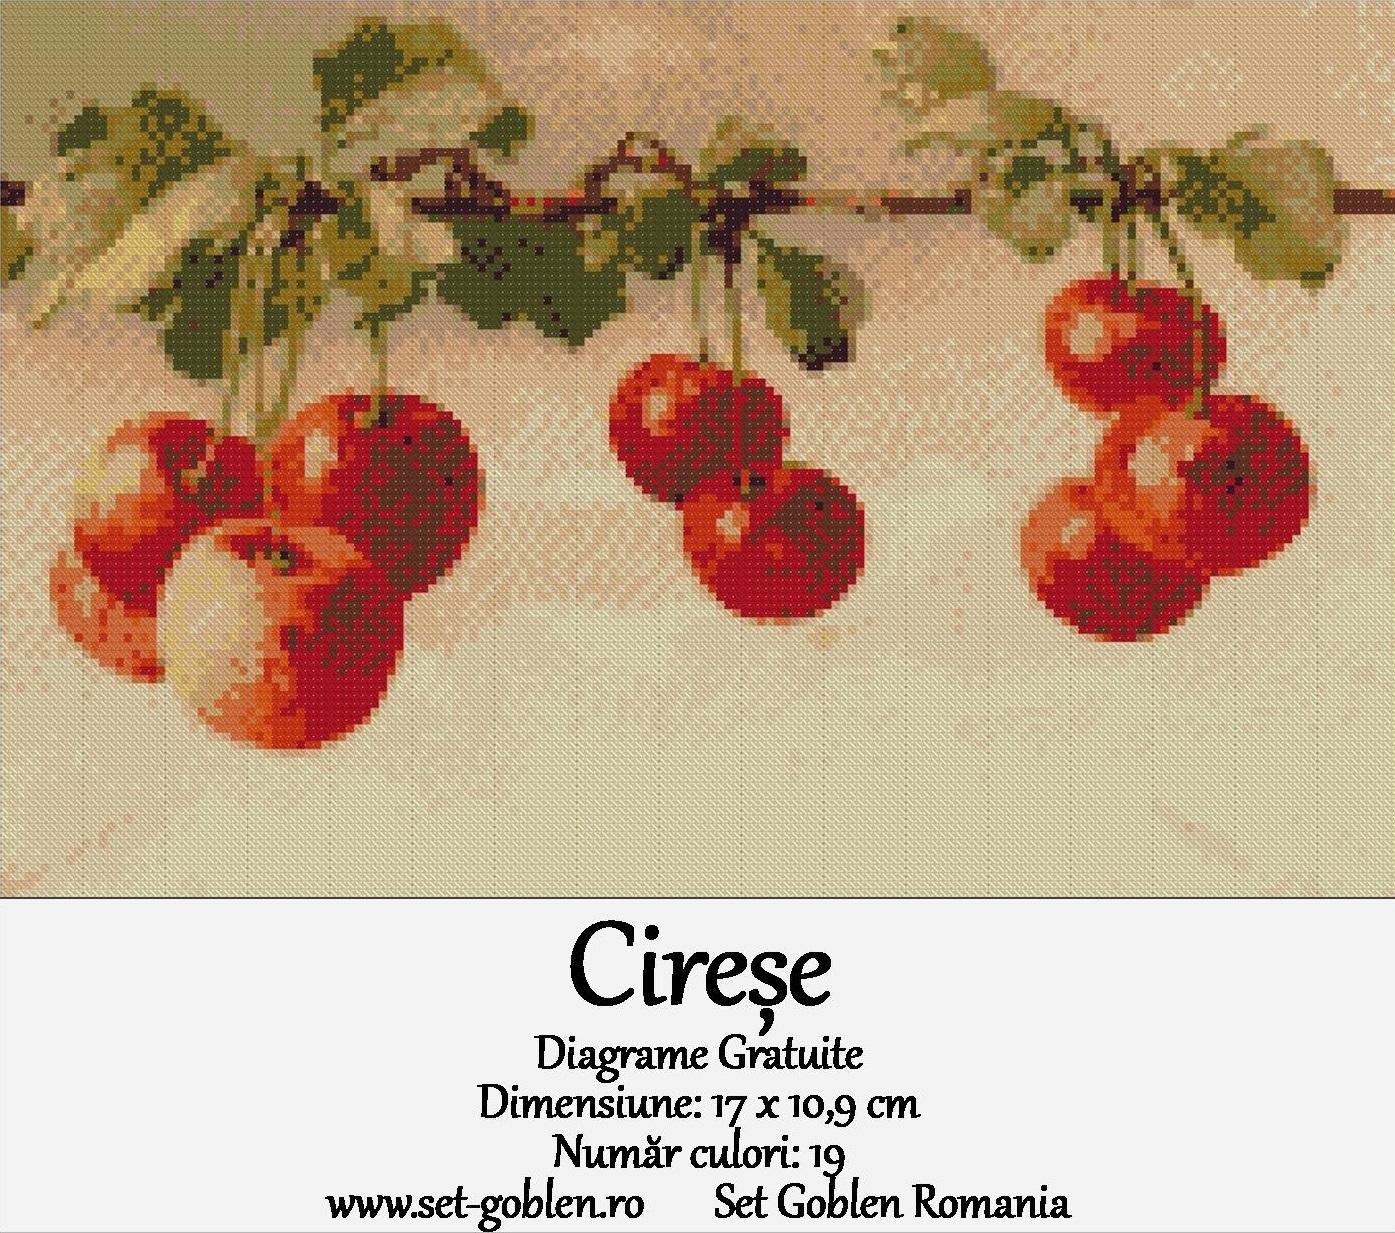 Diagrame goblen gratuite – Cireșe